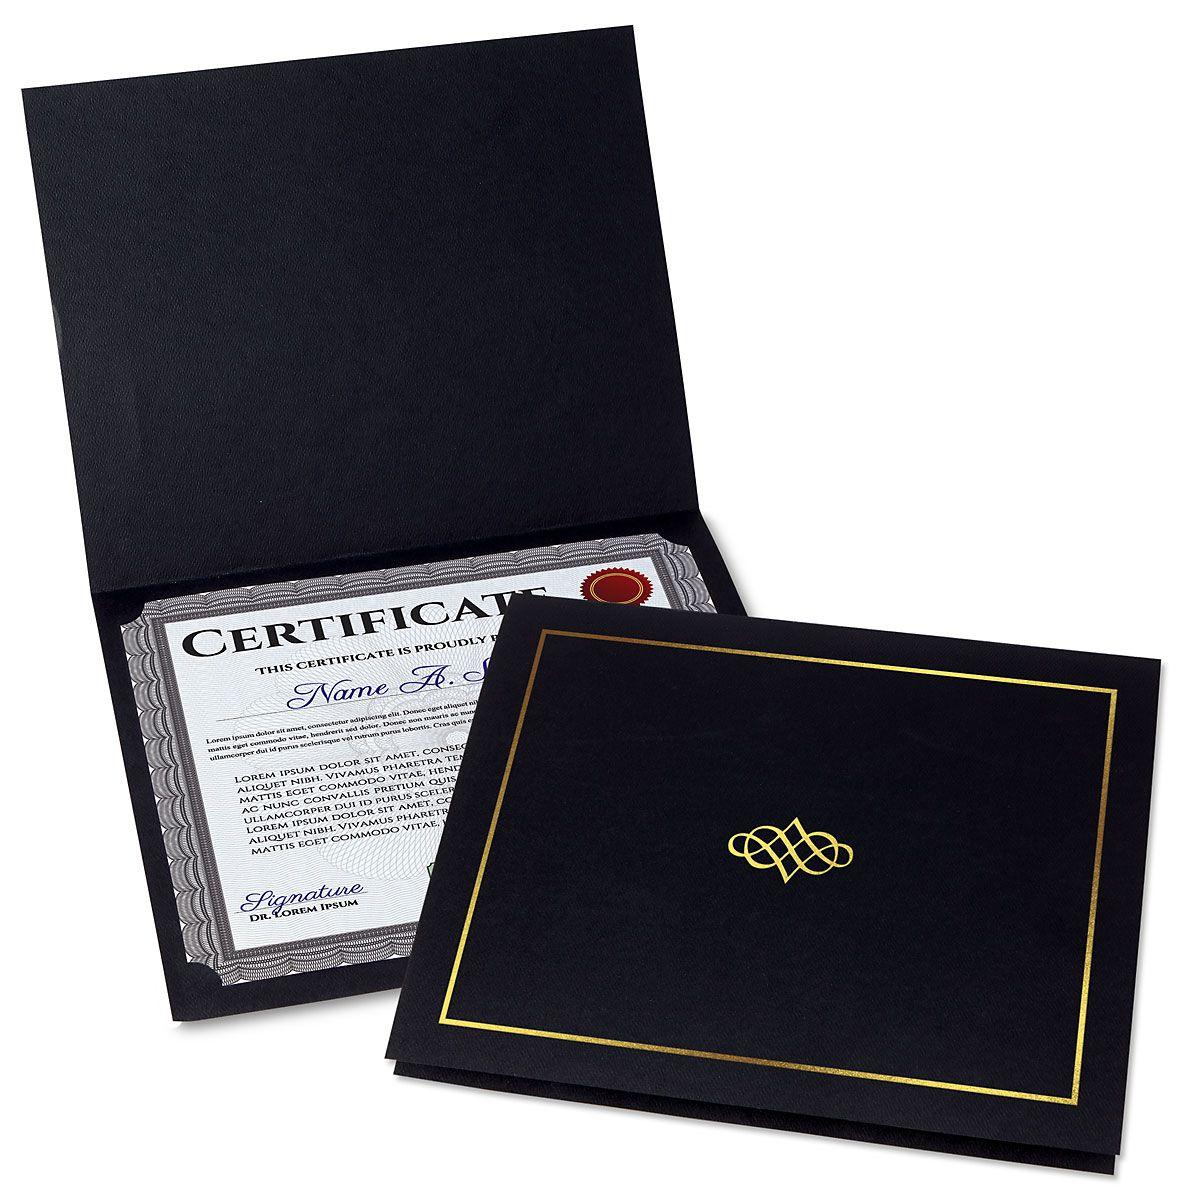 Ornate Black Certificate Folder with Gold Border/Crest